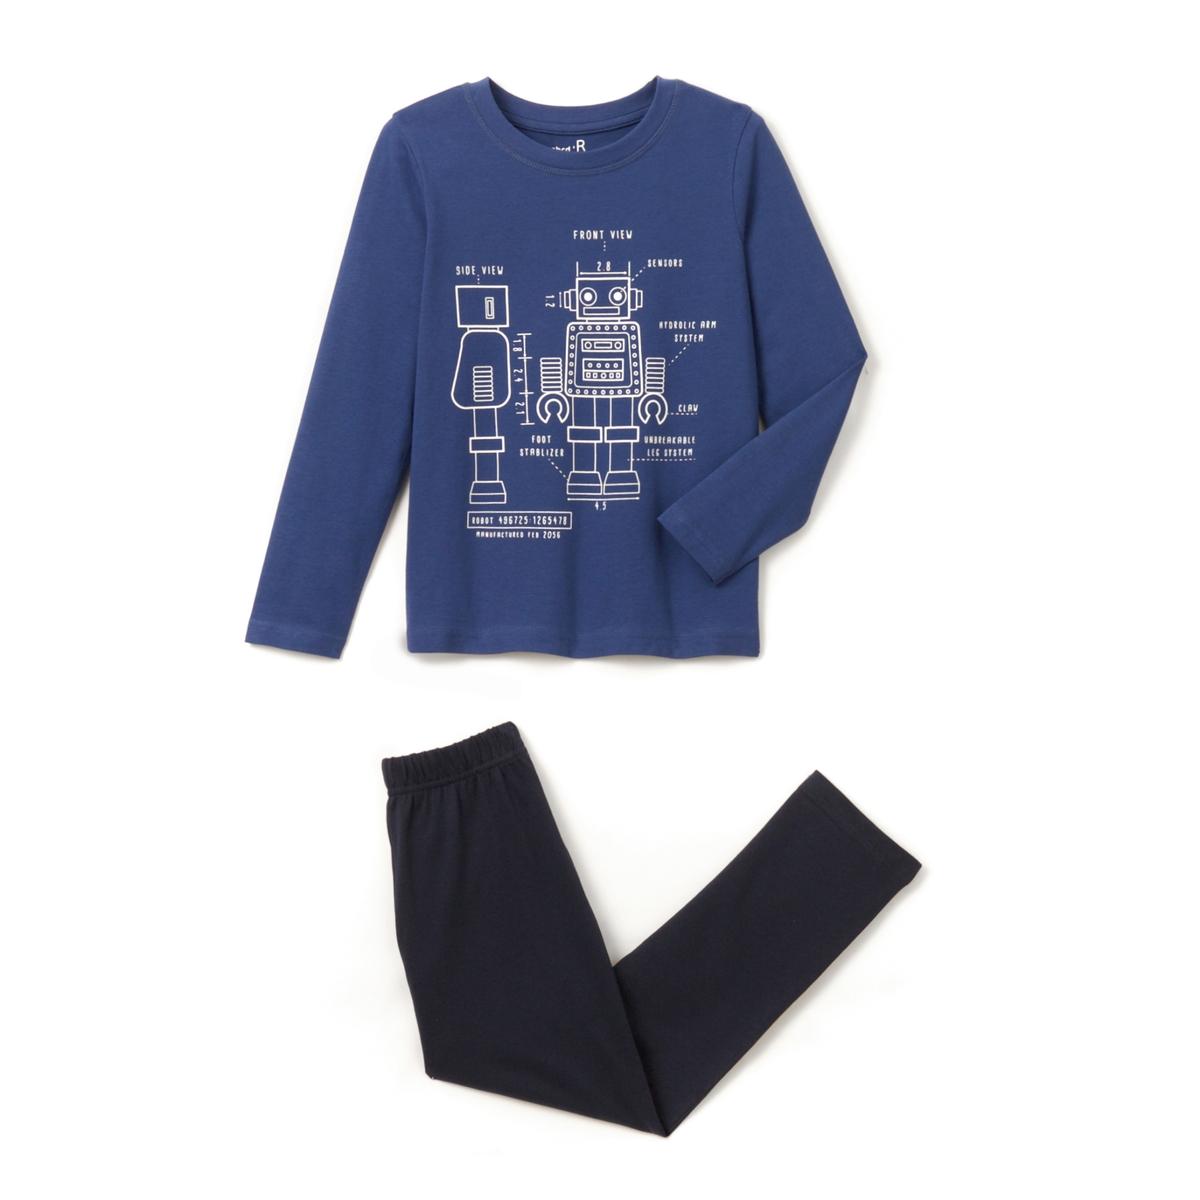 Пижама с рисунком робот из хлопка, 2-12 лет